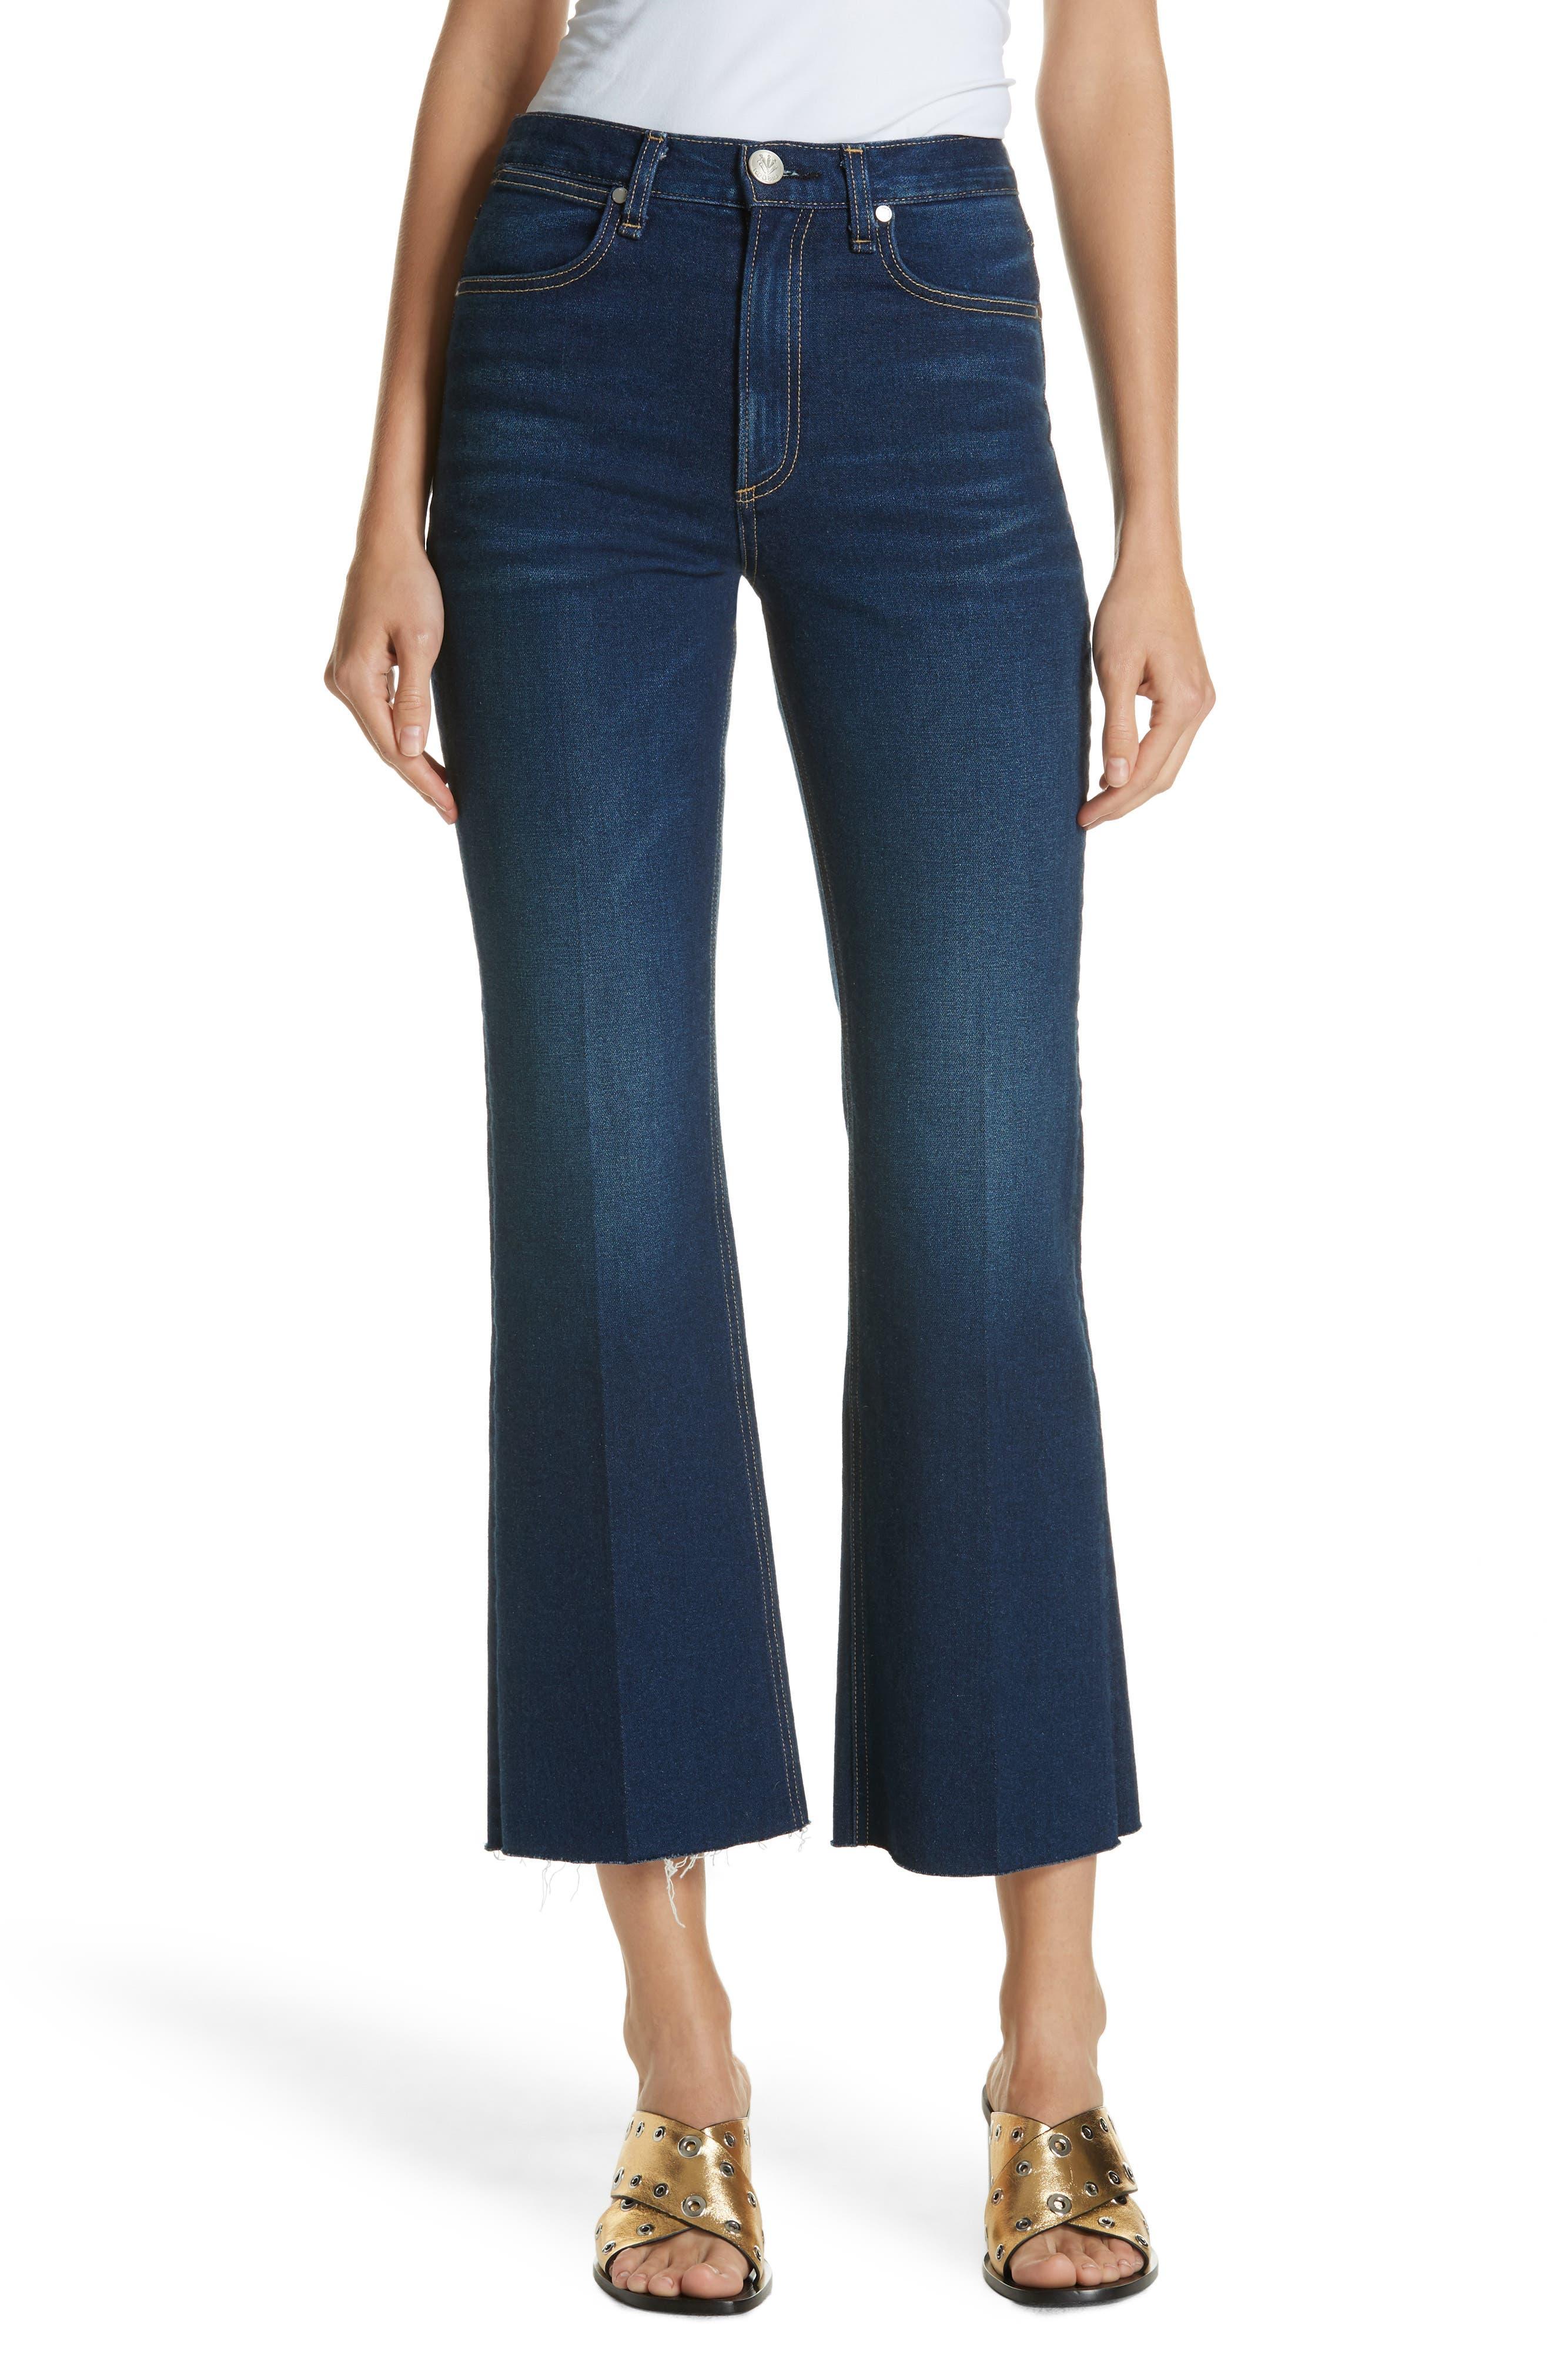 RAG & BONE,                             Justine High Waist Crop Wide Leg Jeans,                             Main thumbnail 1, color,                             410